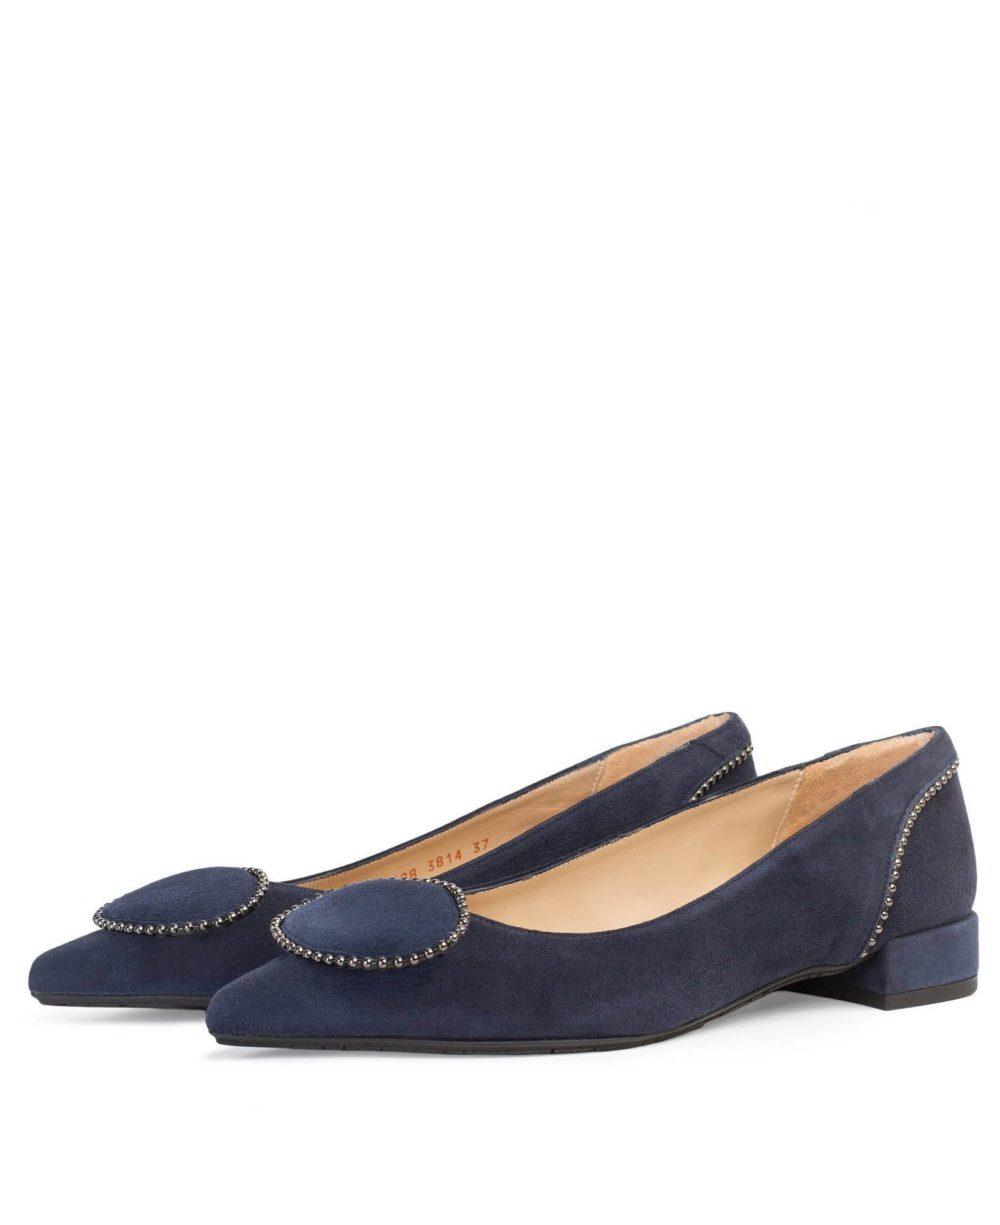 Zapatos de Piel Paco Gil P-3814 MERCHE/MARINE SUEDE